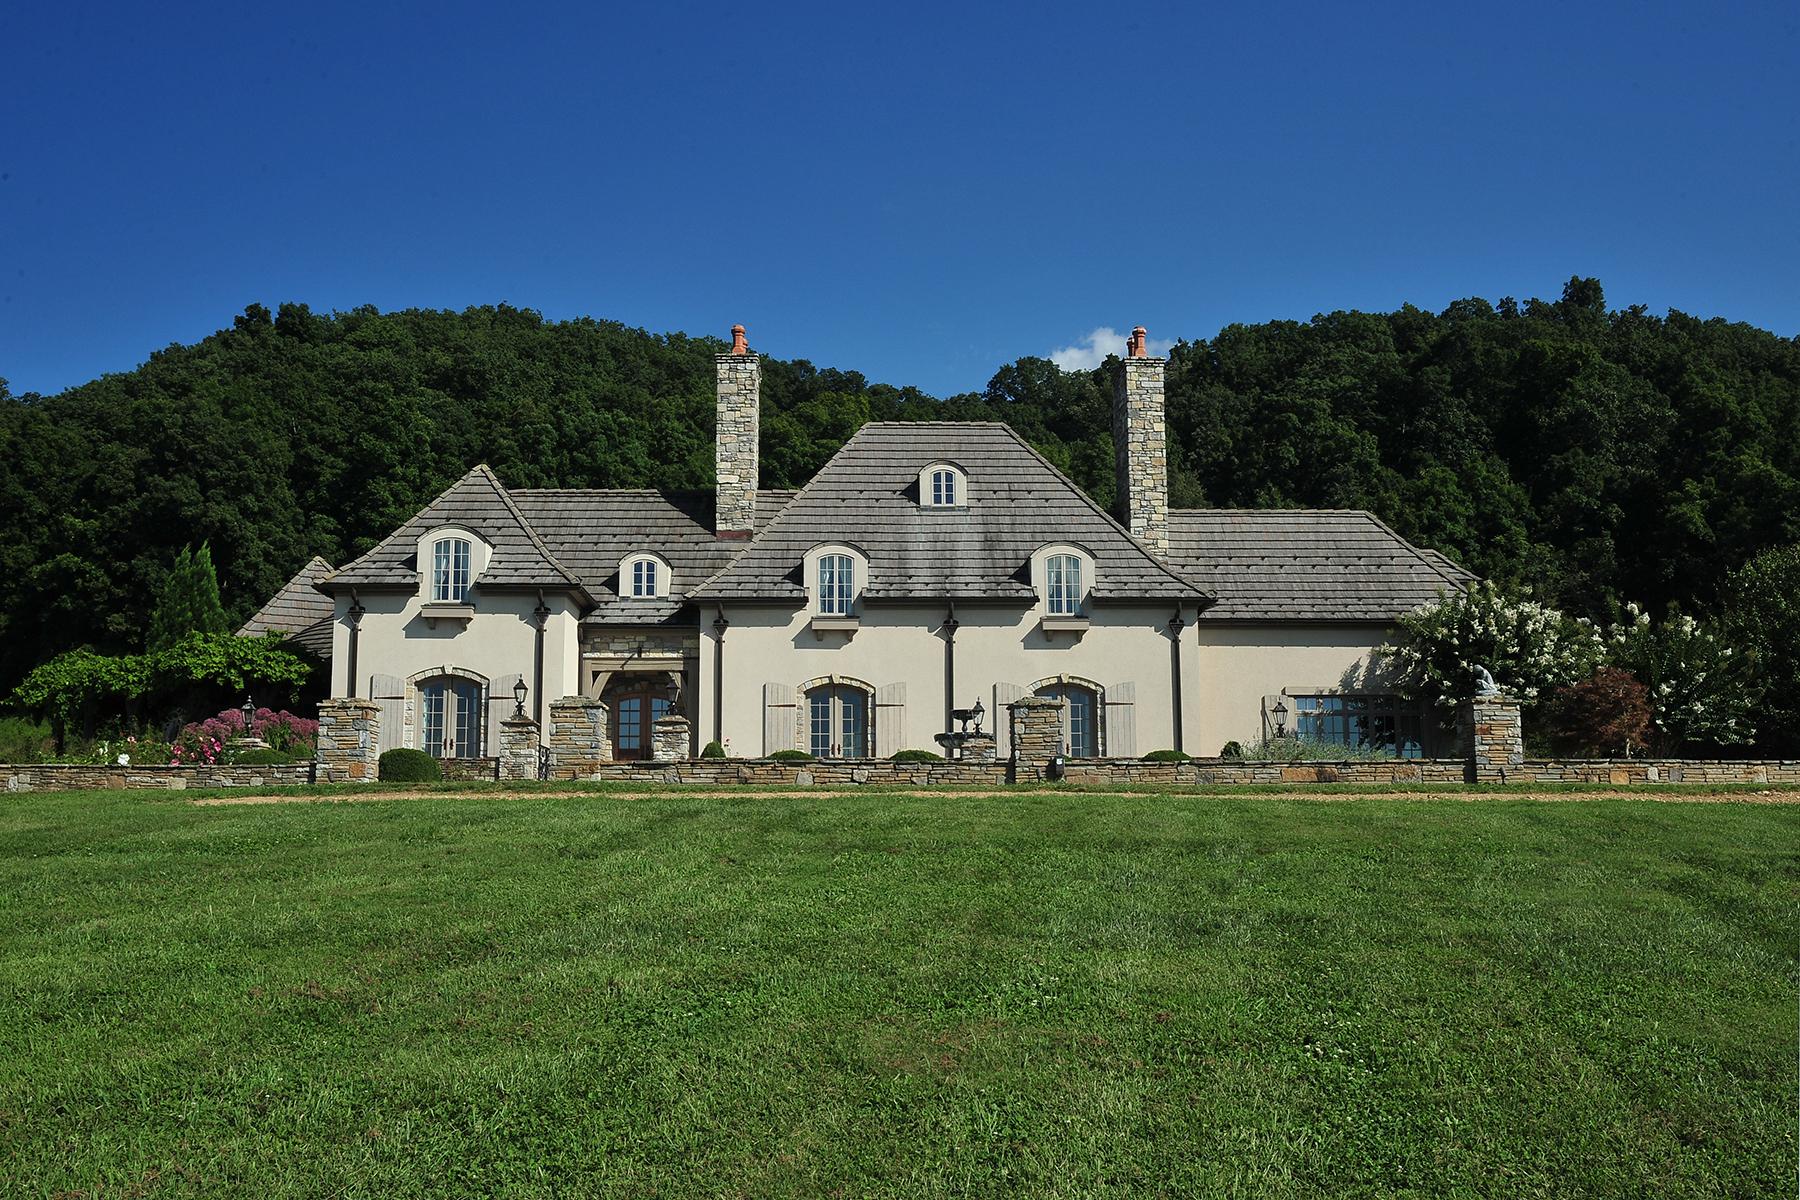 Casa Unifamiliar por un Venta en COUNTRY ESTATE 16308 Old Jonesboro Road Rd Bristol, Virginia 24202 Estados Unidos